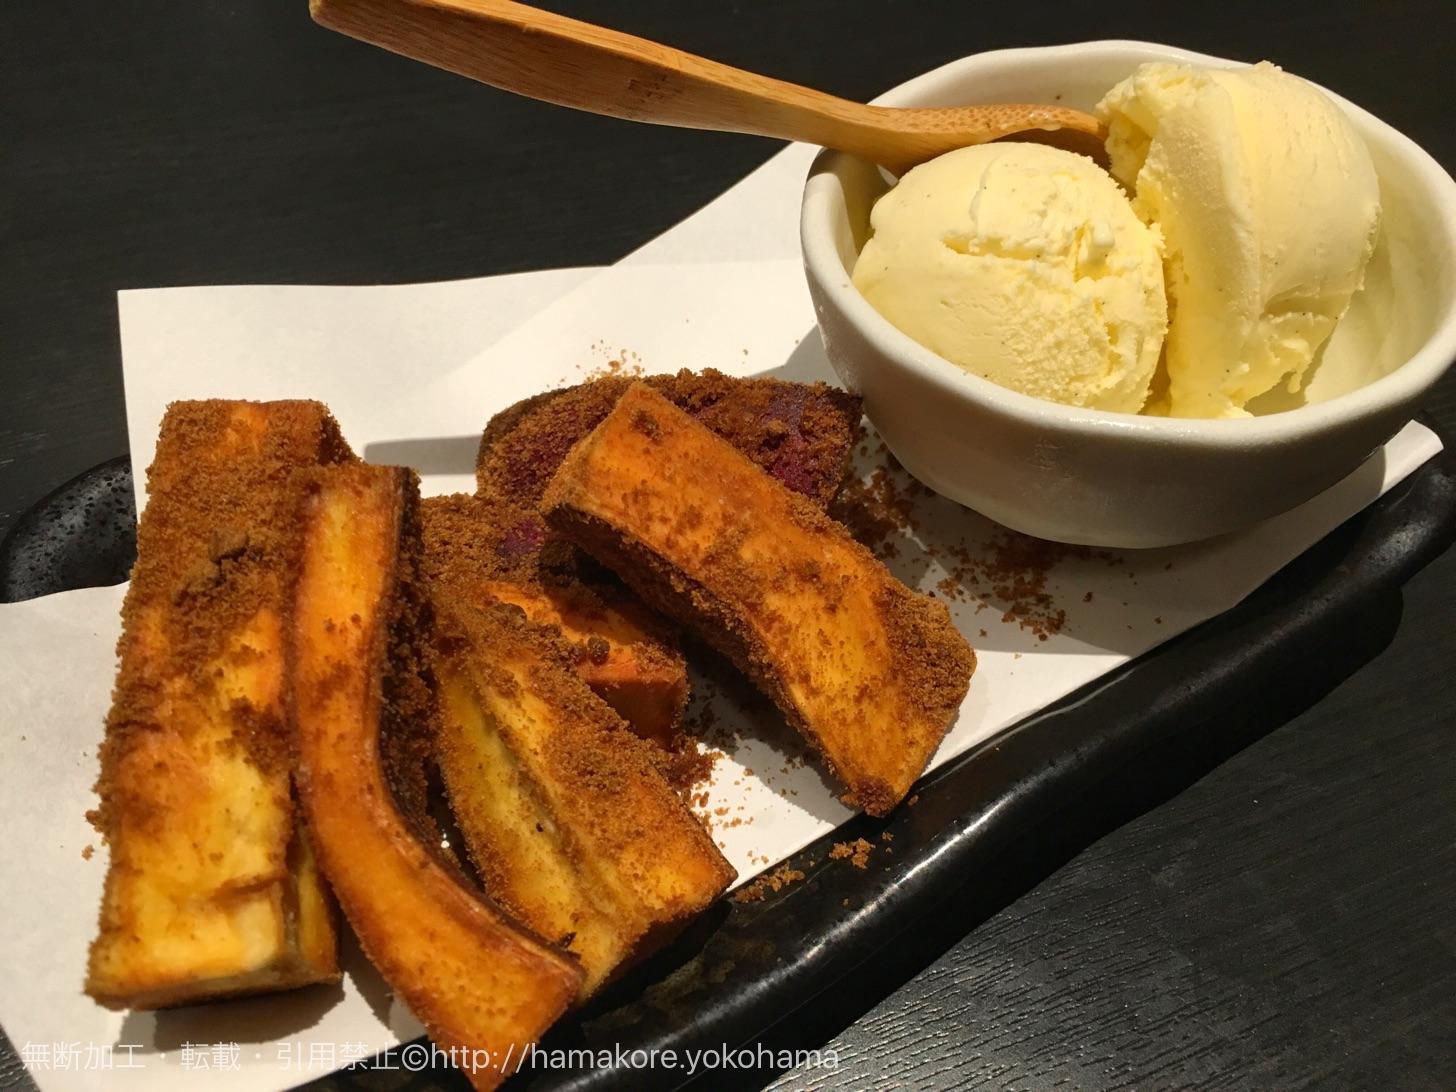 唐芋スティック 黒糖がけ、バニラアイス添え 430円